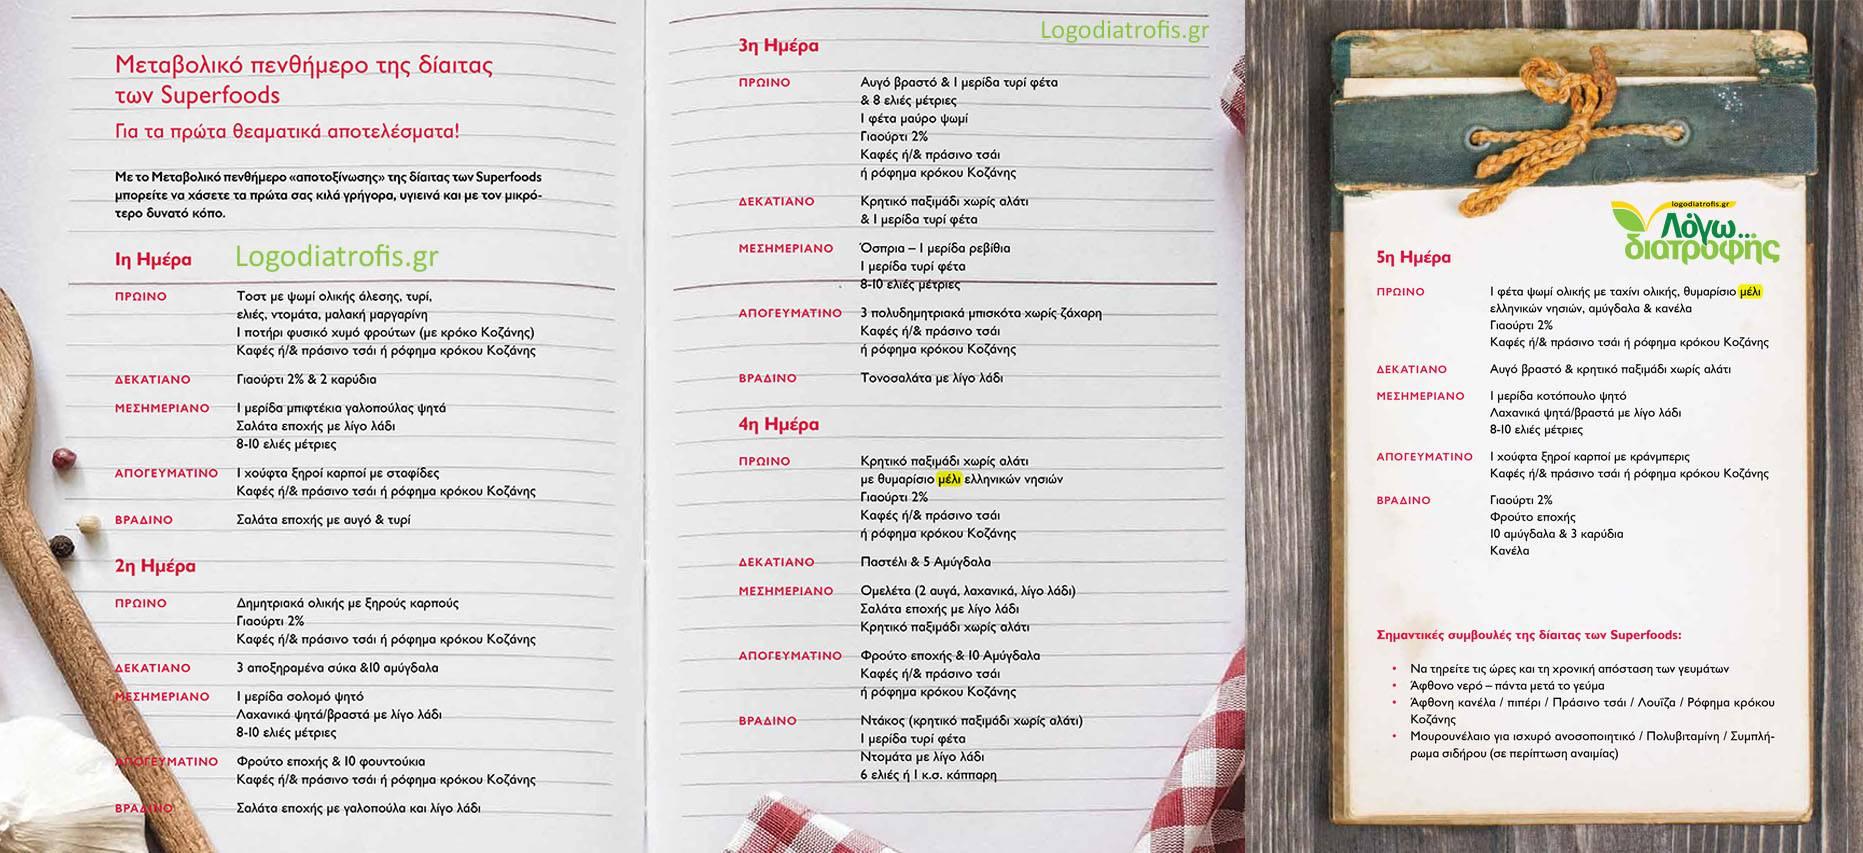 diaita superfoods metavoliko penthimero